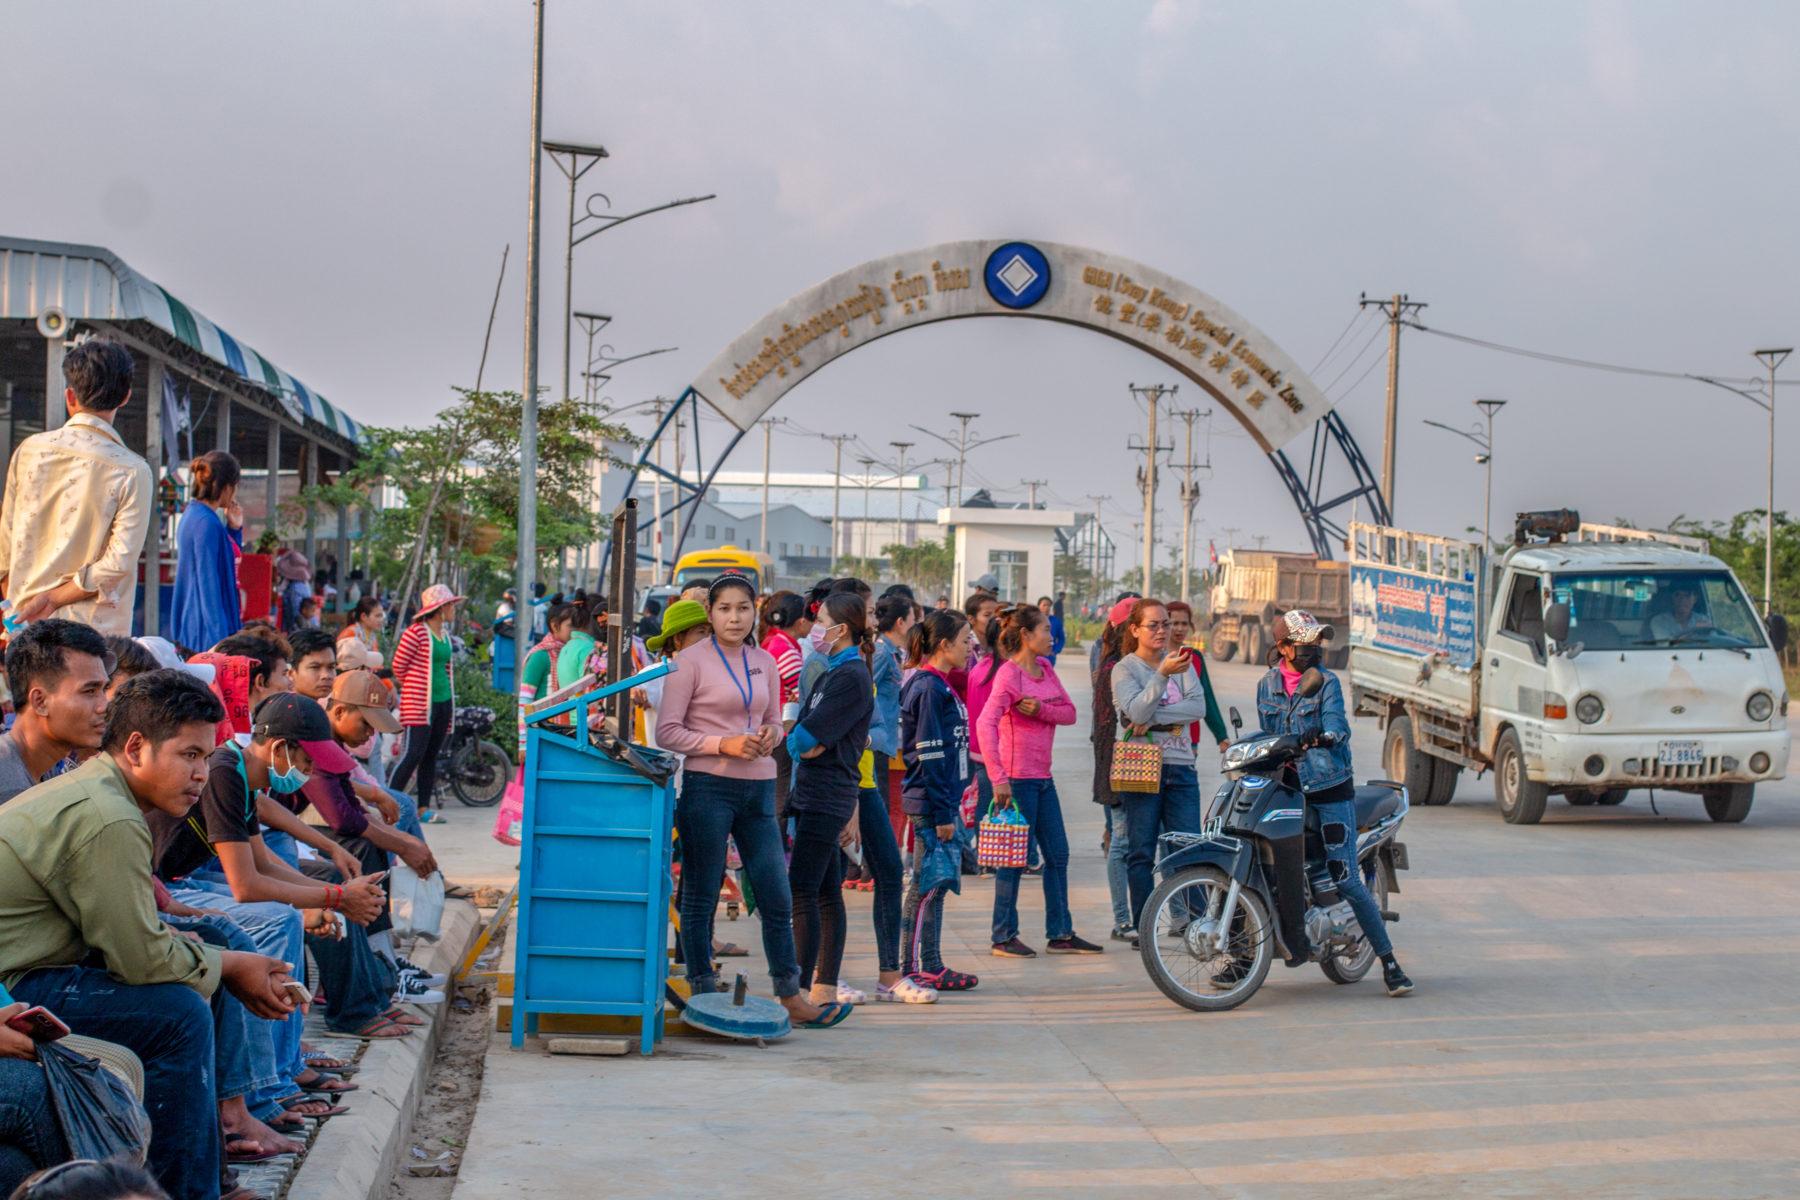 Nach Feierabend warten die Beschäftigten auf den Rücktransport © Central